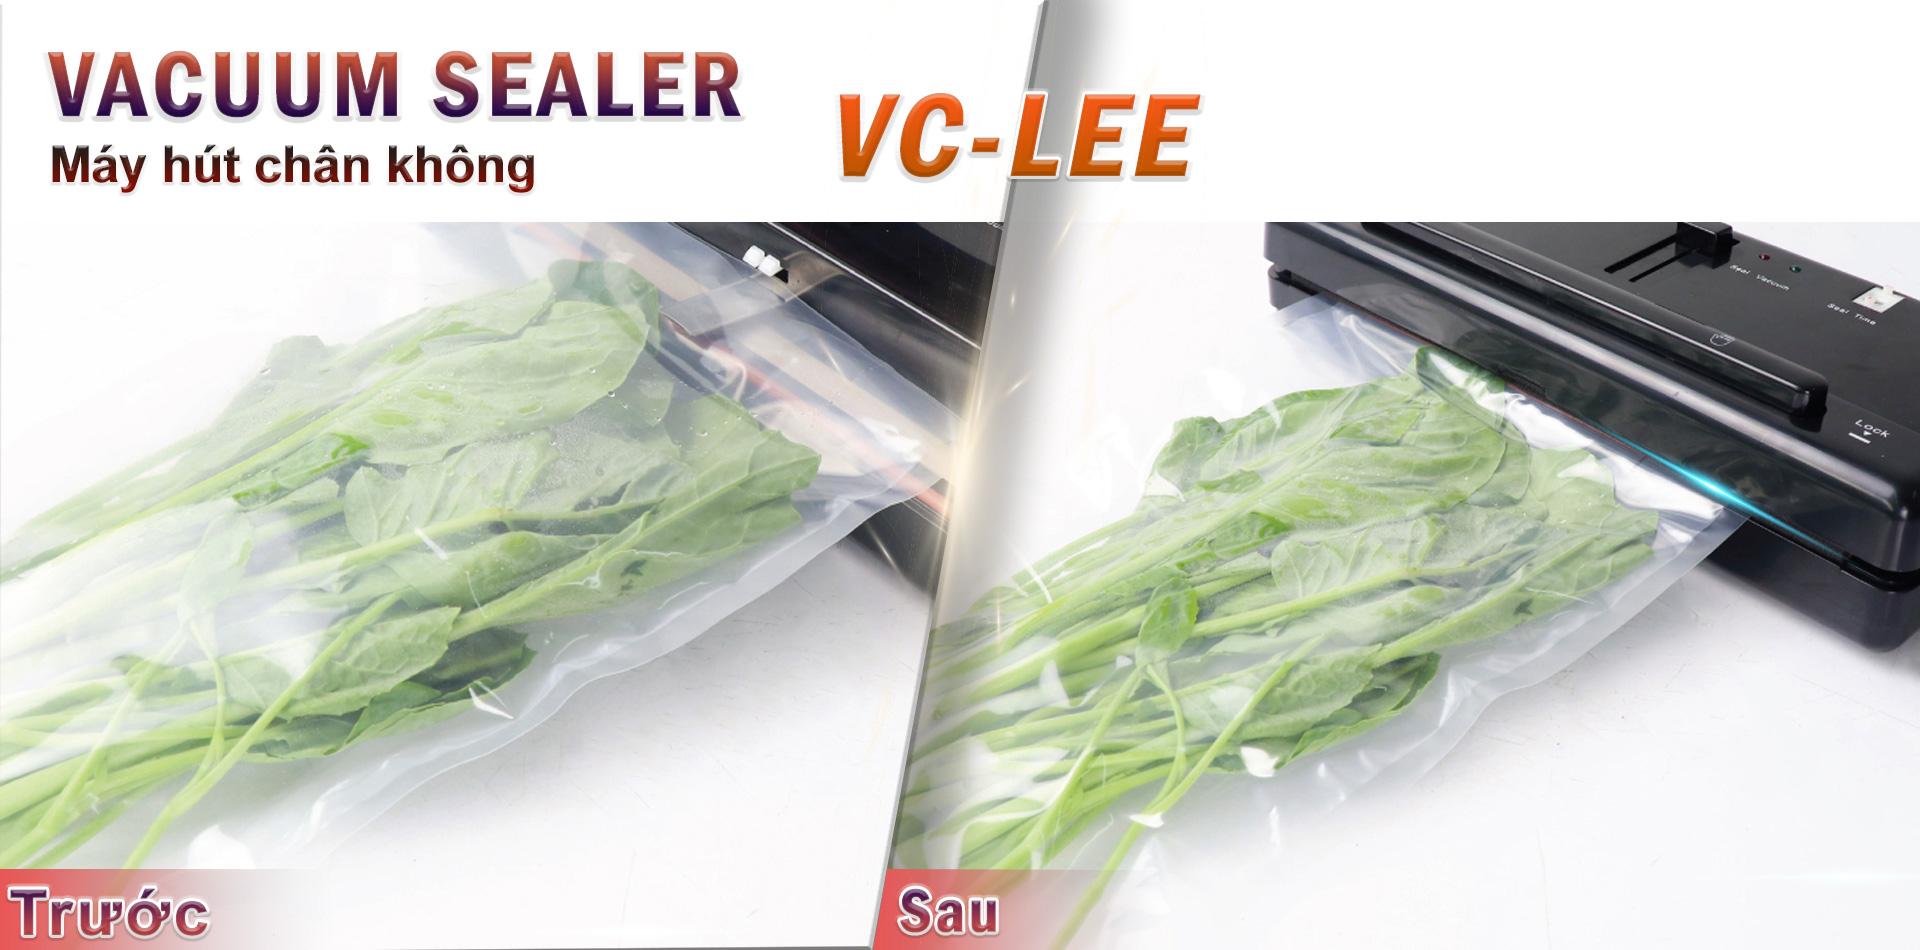 rau cải trước và sau khi hút chân không với vc-lee